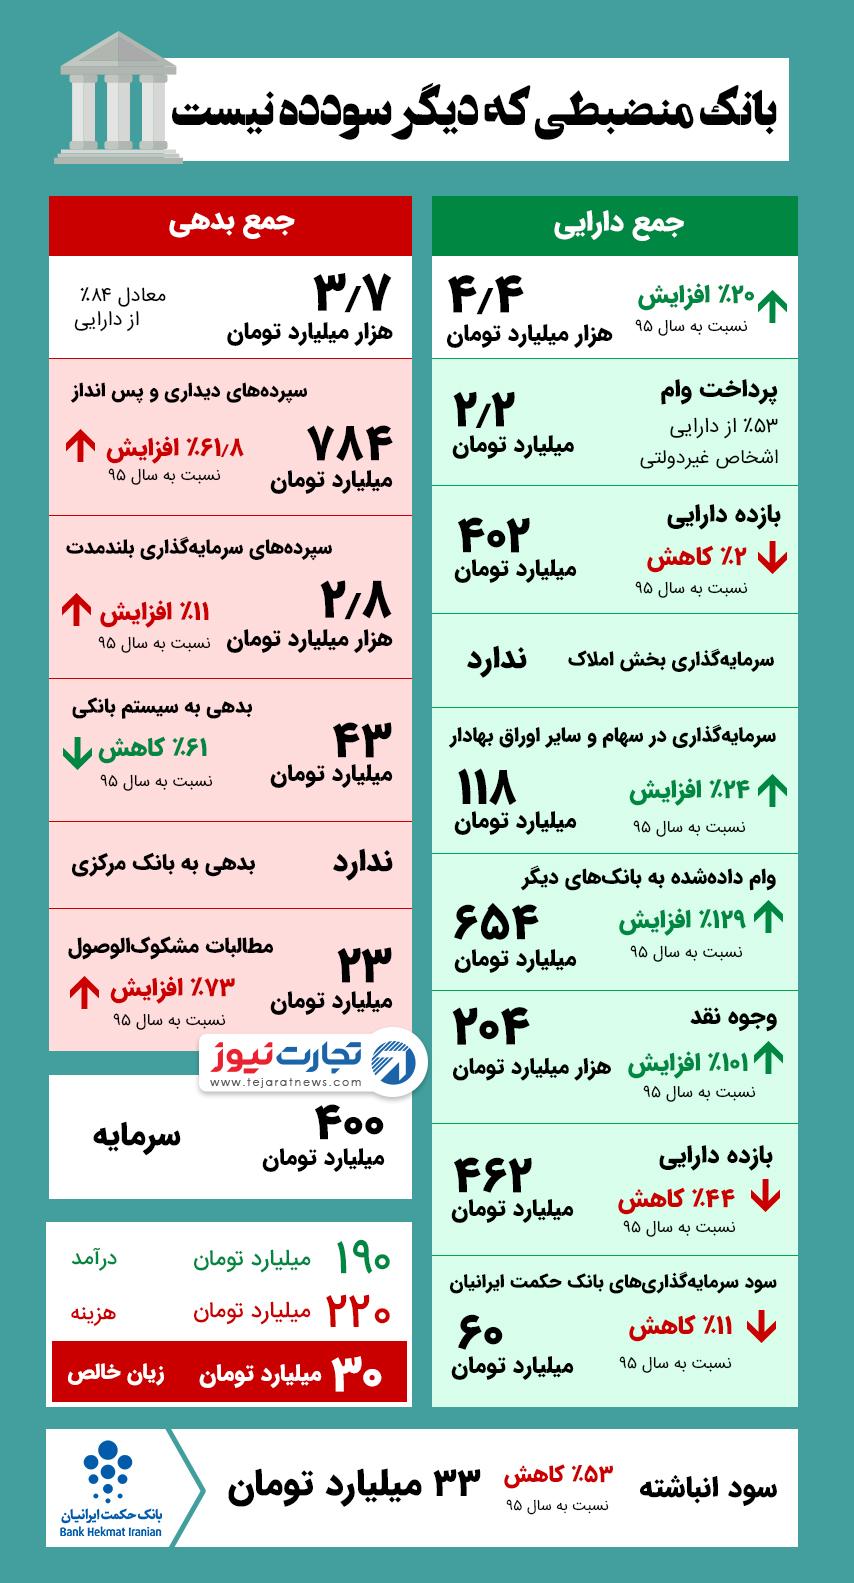 آمار و عملکرد مالی بانک حکمت ایرانیان در سال 1395